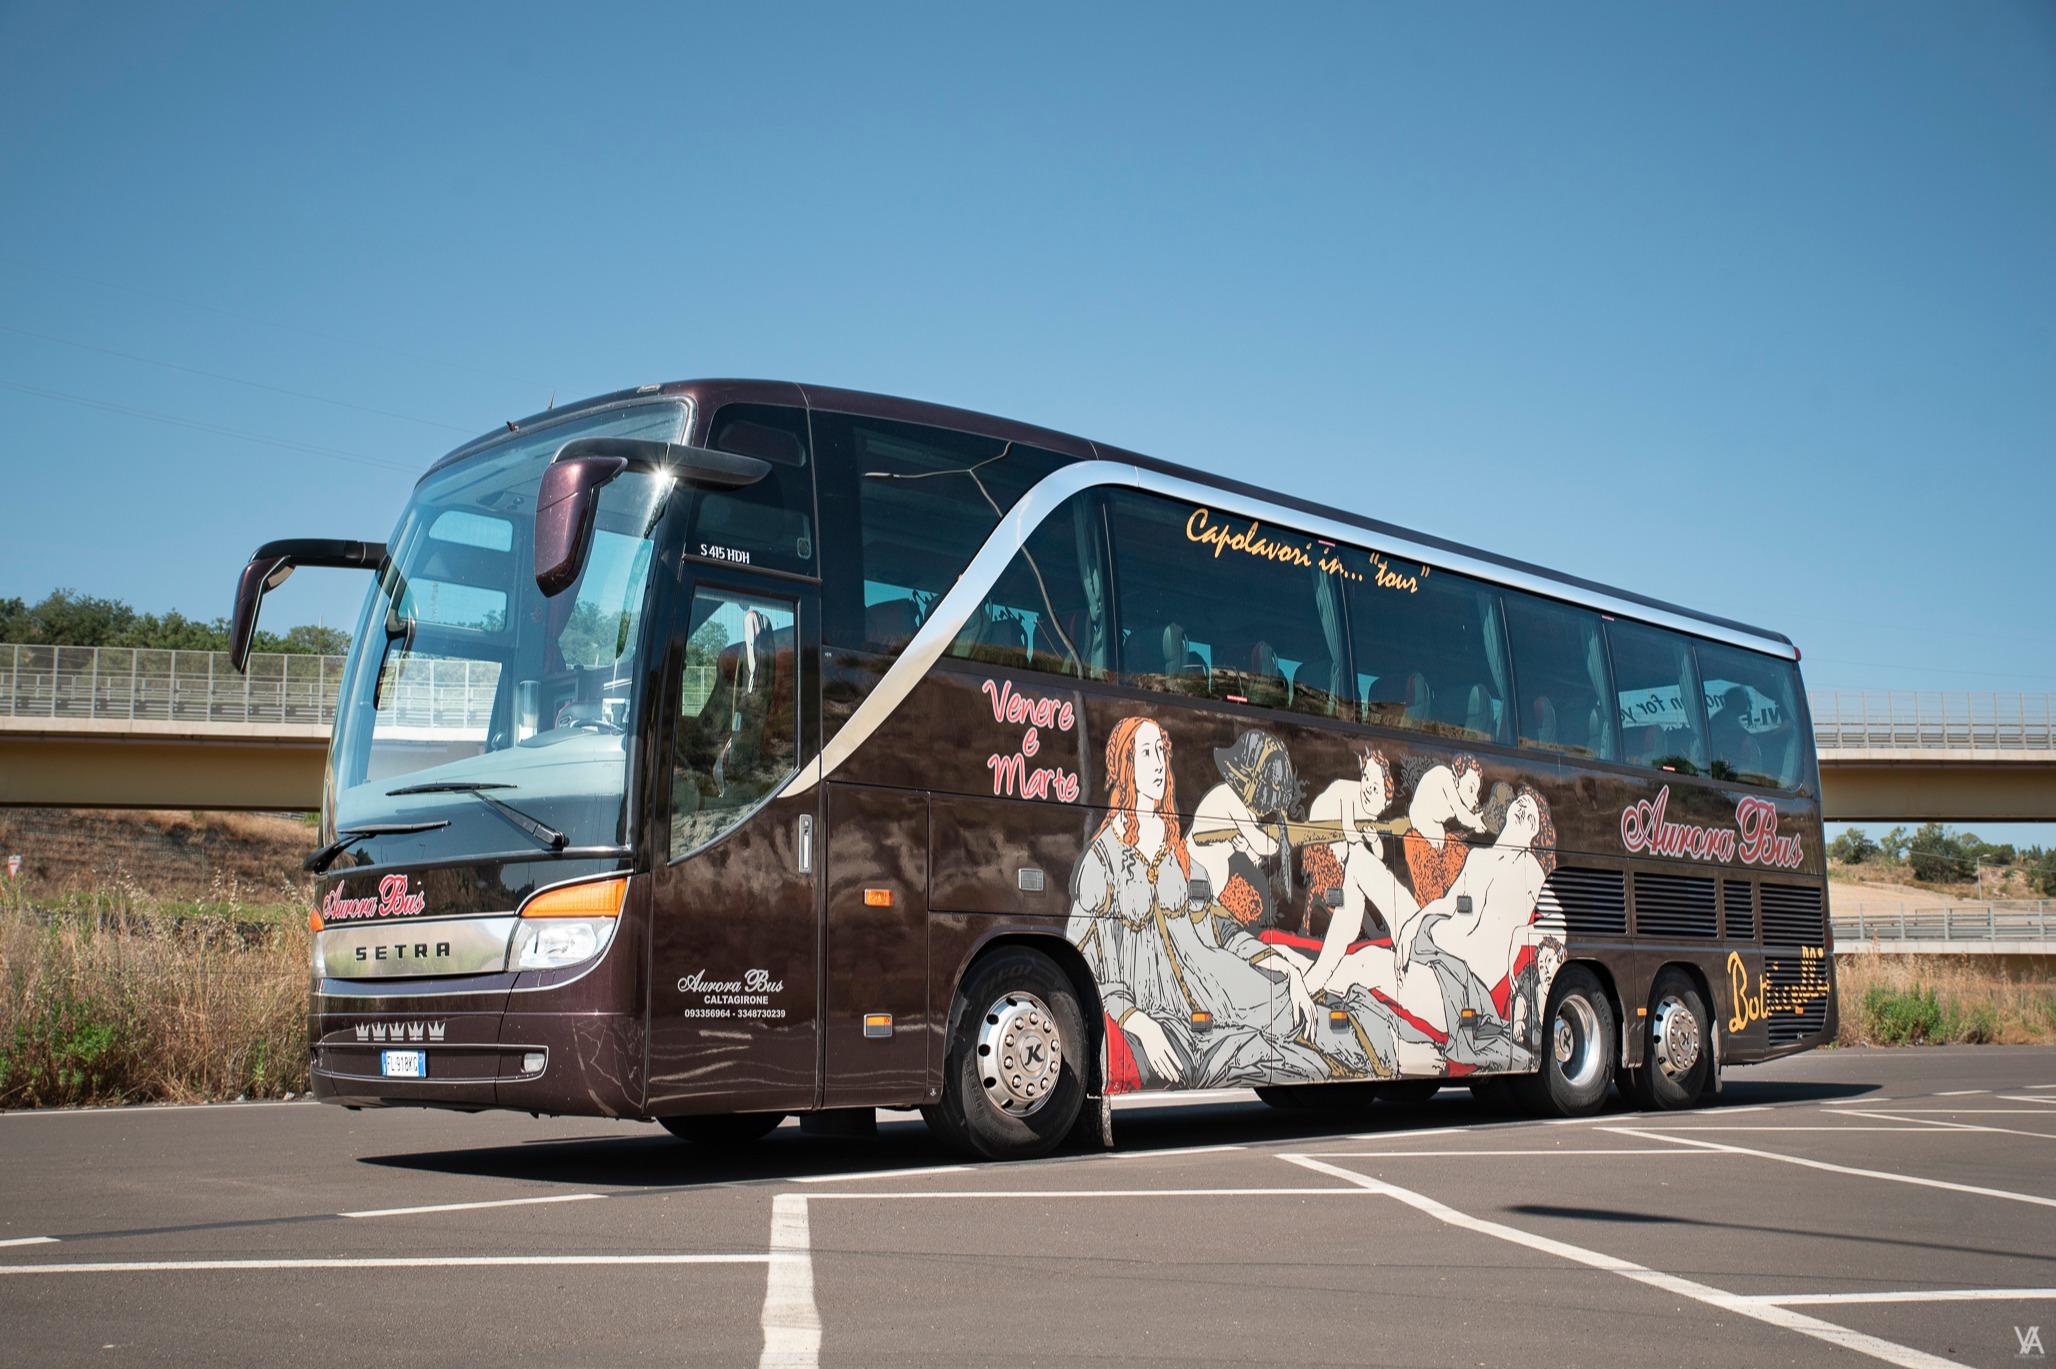 Aurora Bus s.r.l